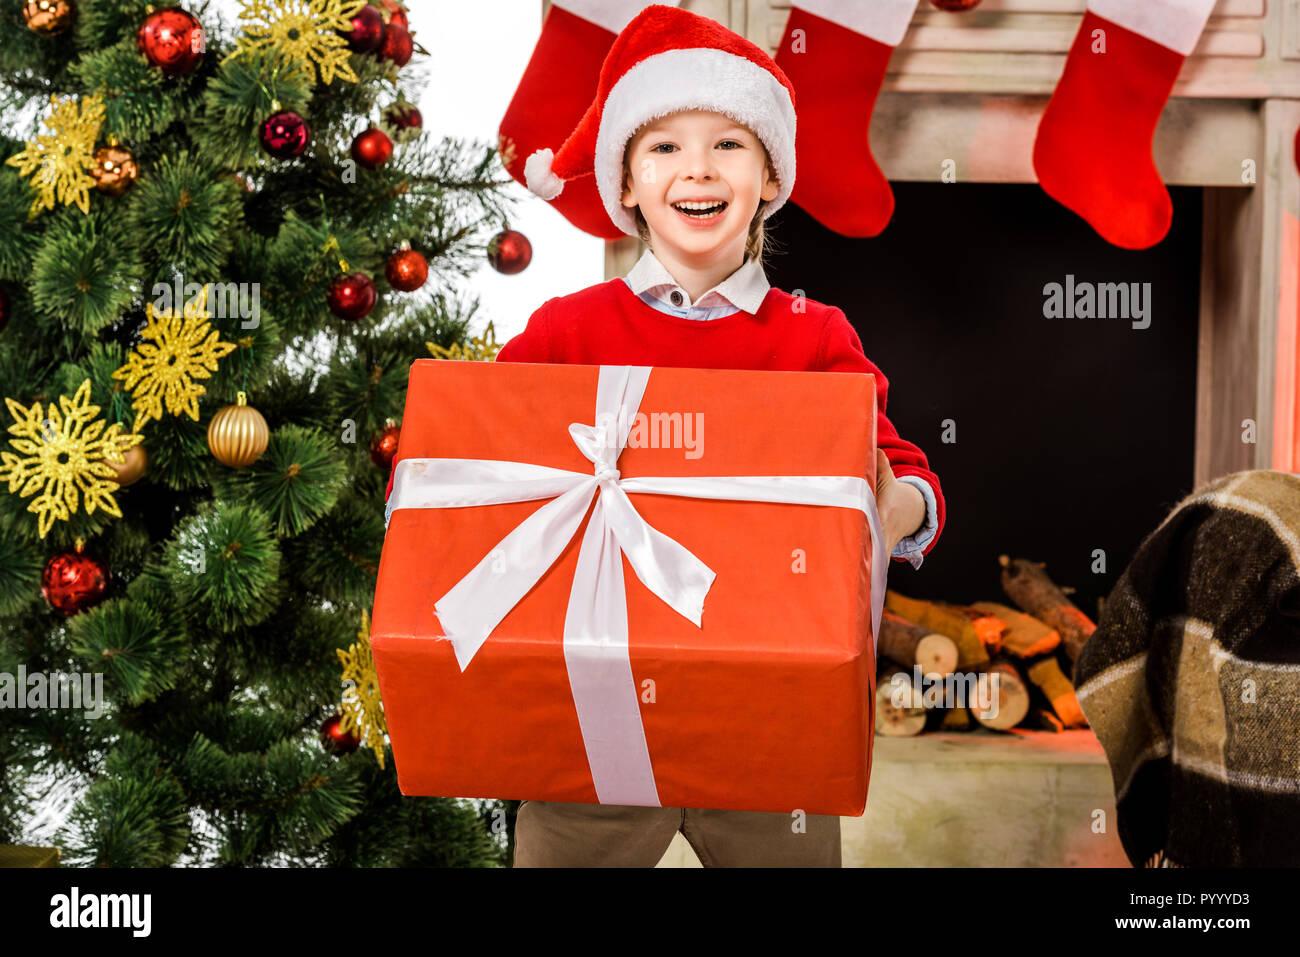 Gerne kleine zicklein mit großen roten weihnachtsgeschenk und kamera